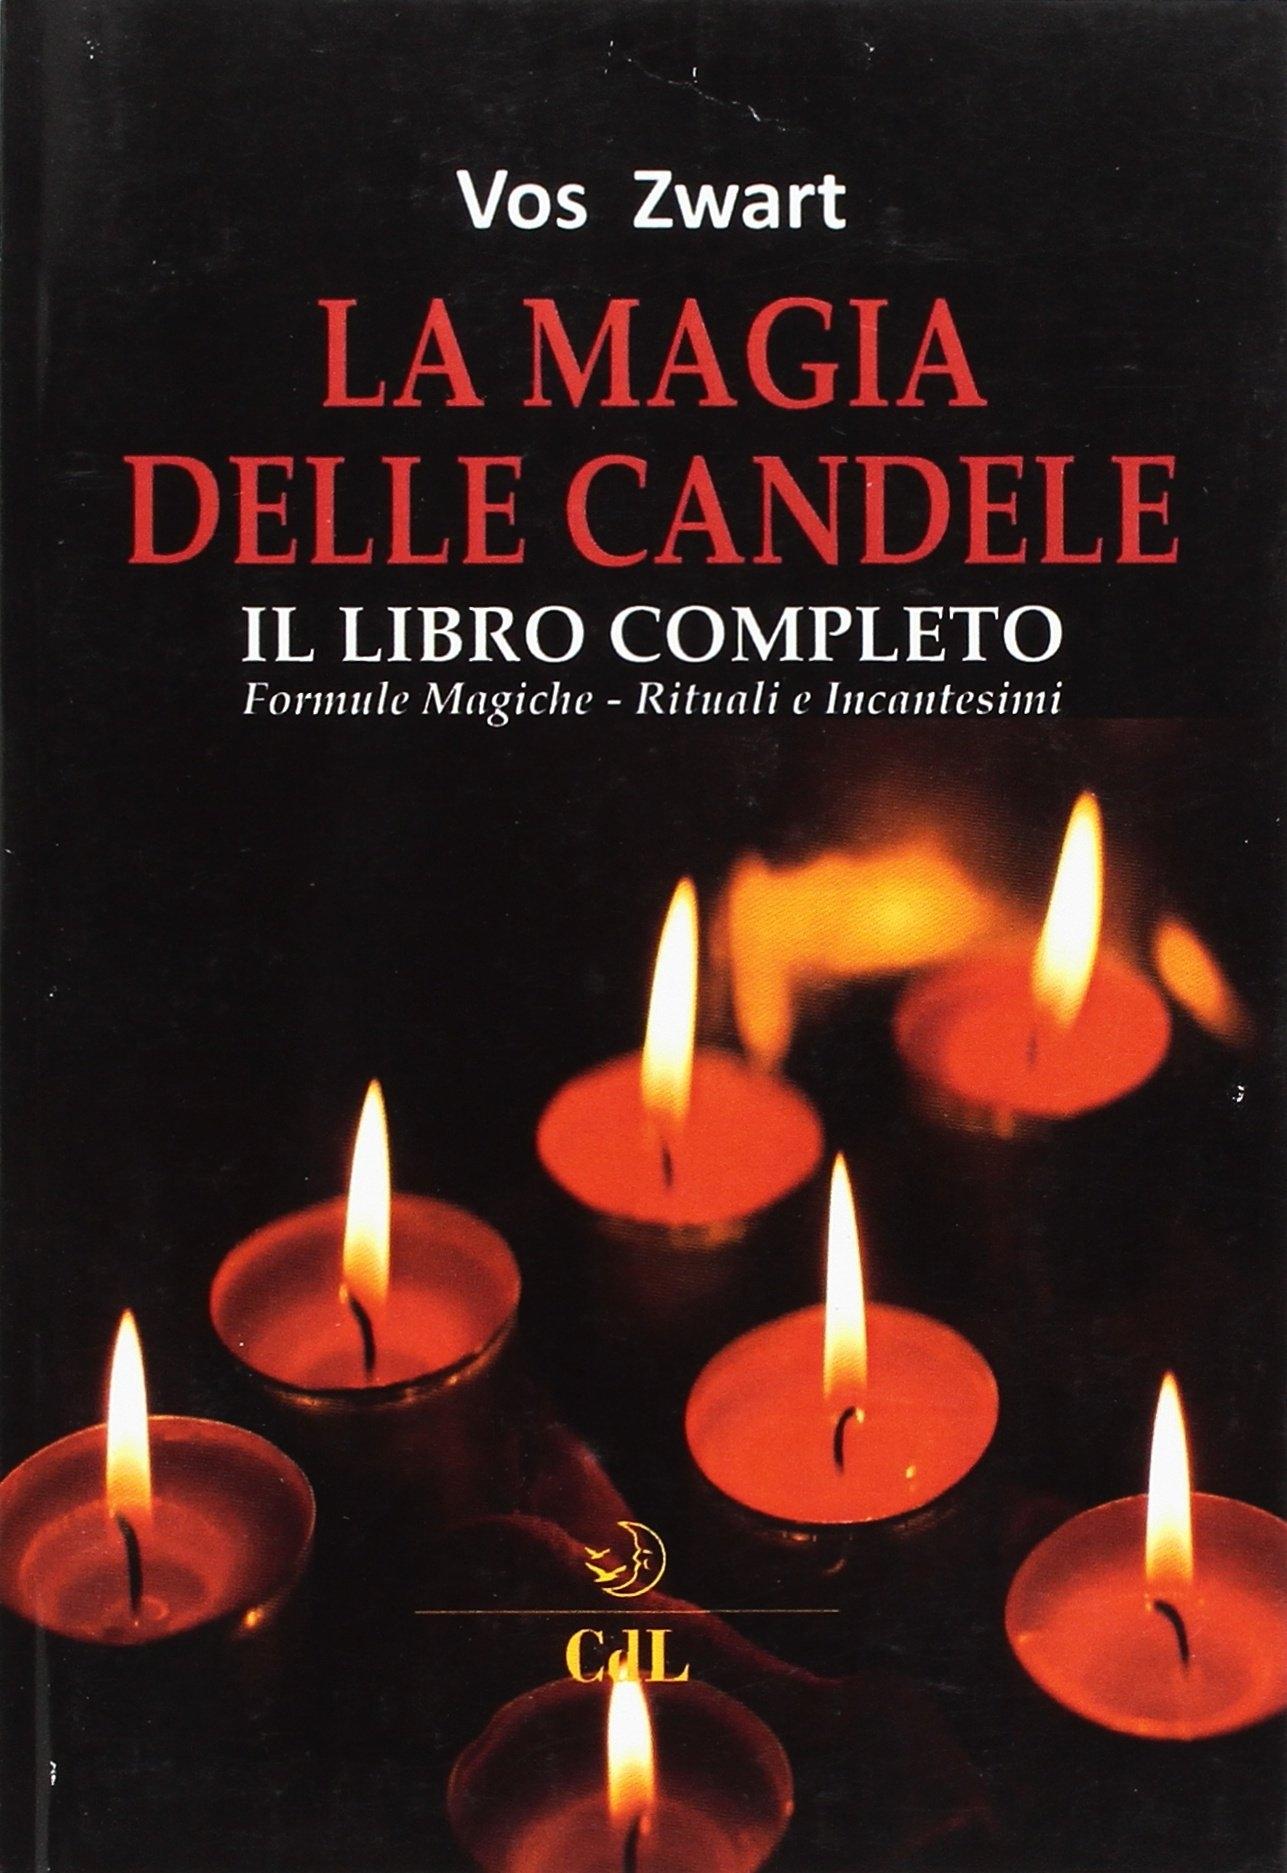 Il Libro Completo della Magia delle Candele.